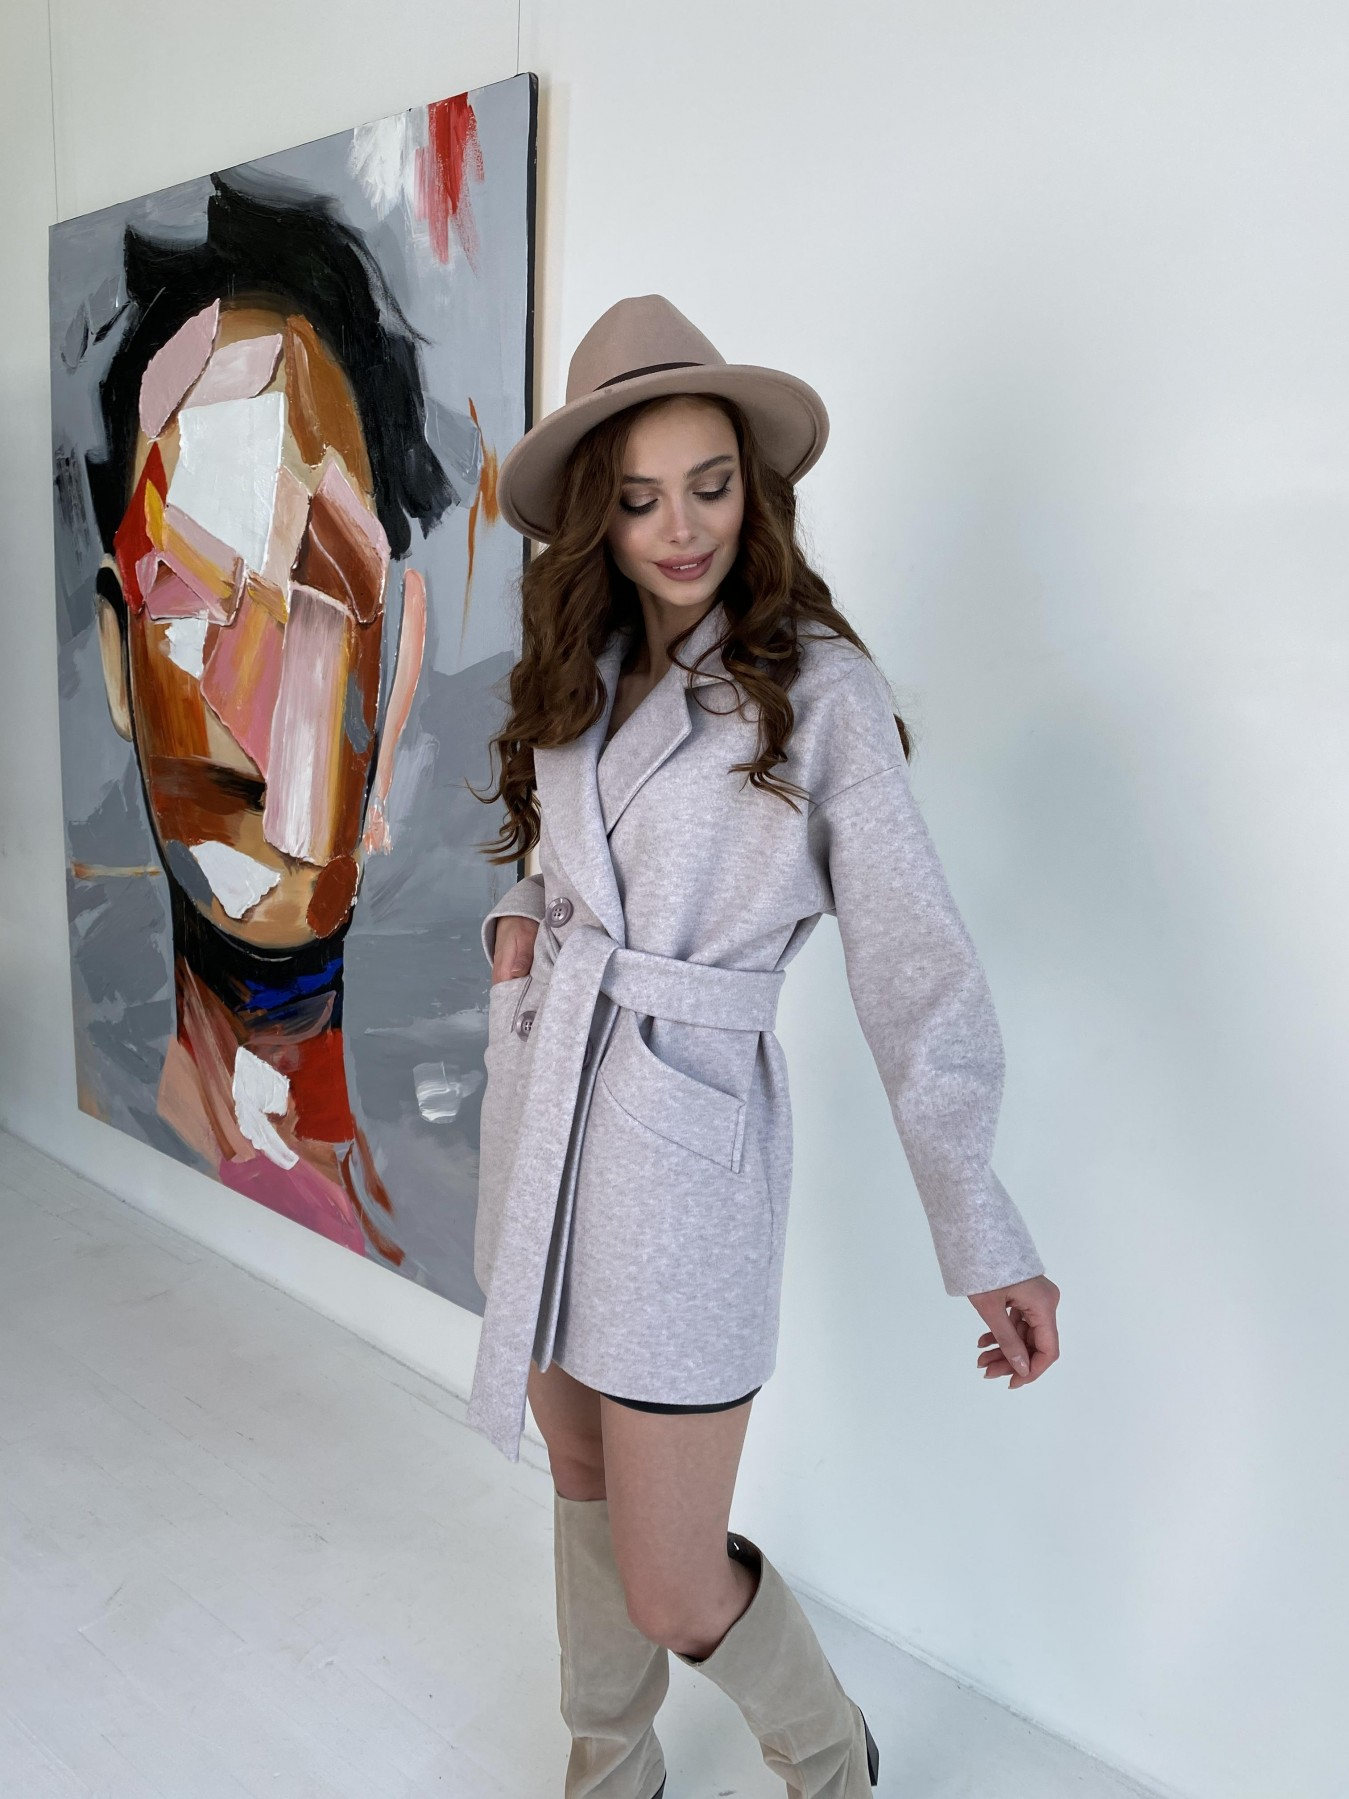 Бонд пальто  кашемировое меланж на трикотаже  10644 АРТ. 47161 Цвет: Бежевый меланж - фото 8, интернет магазин tm-modus.ru